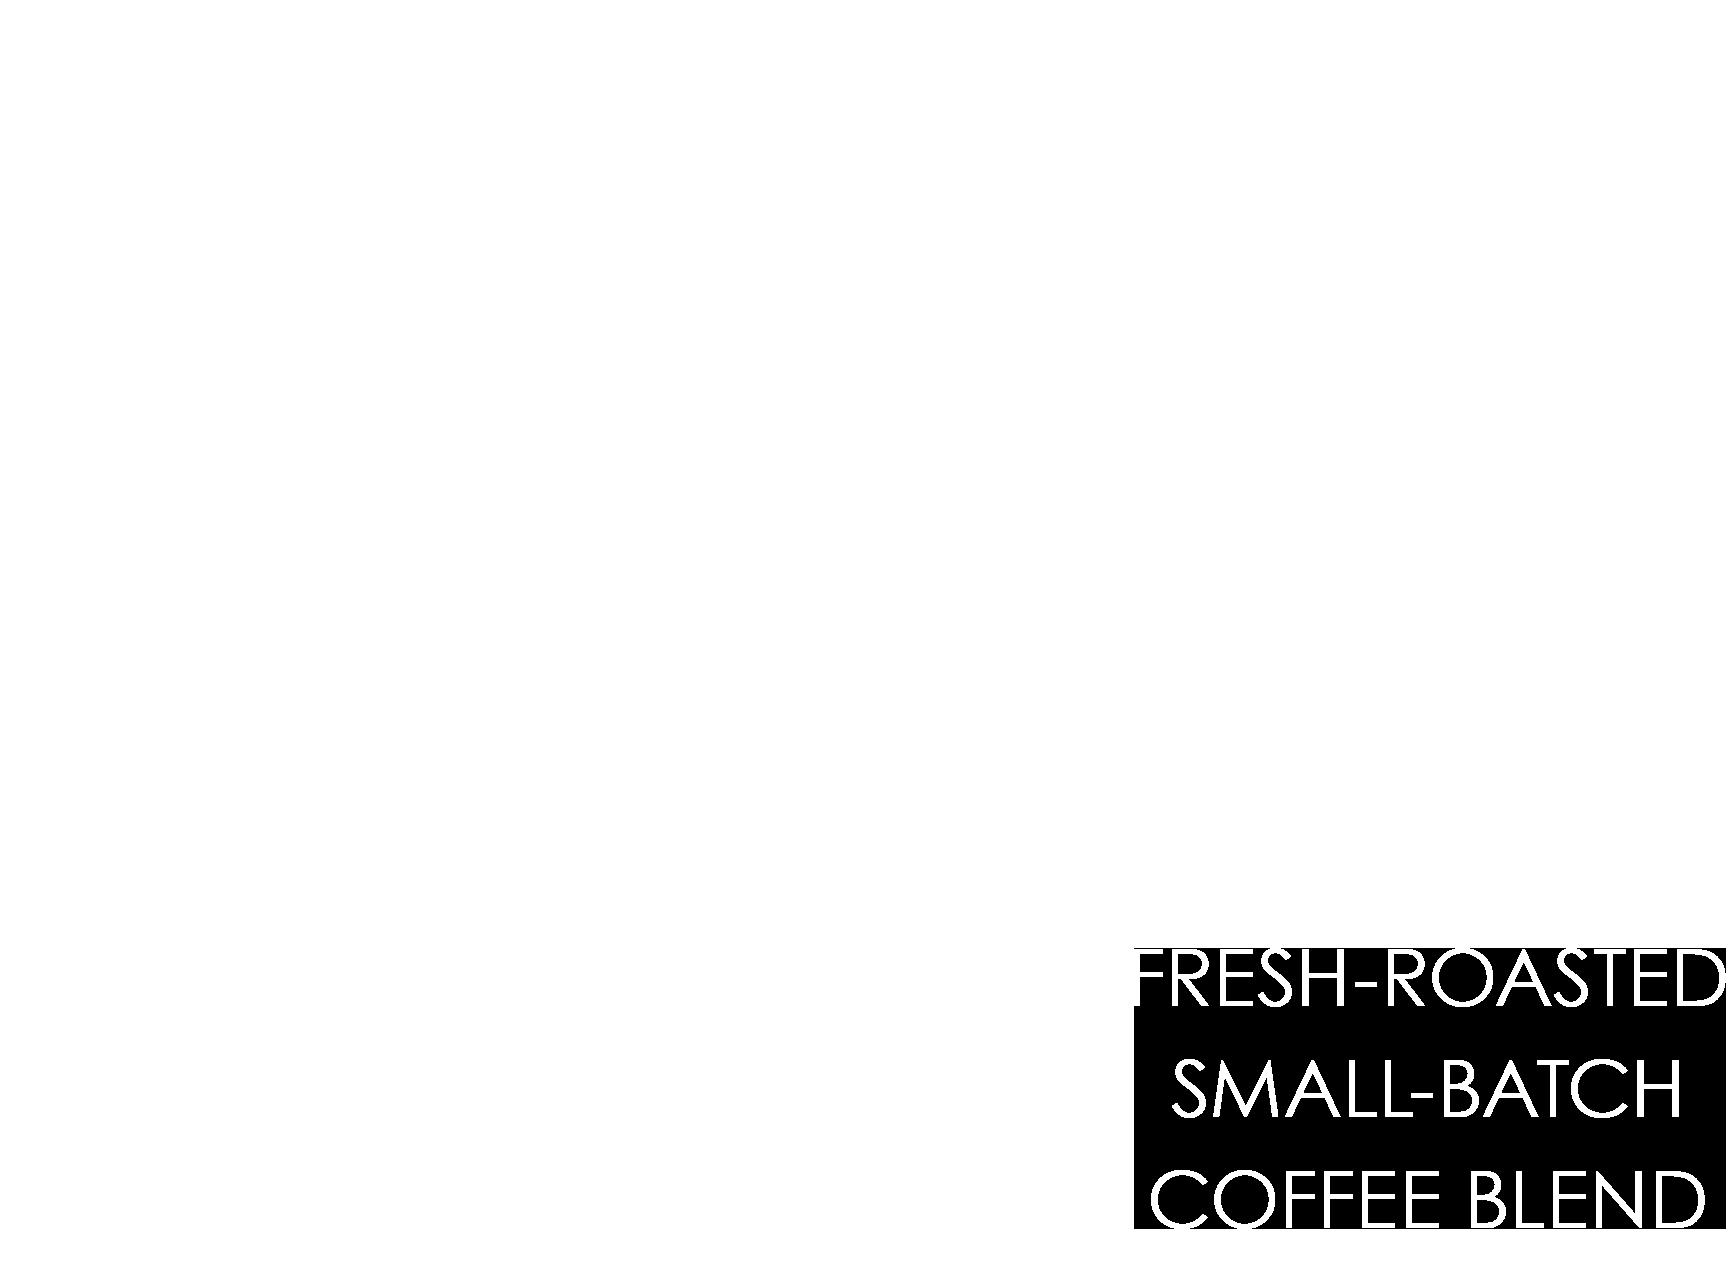 BnB_Detroit_logo_tagline.png